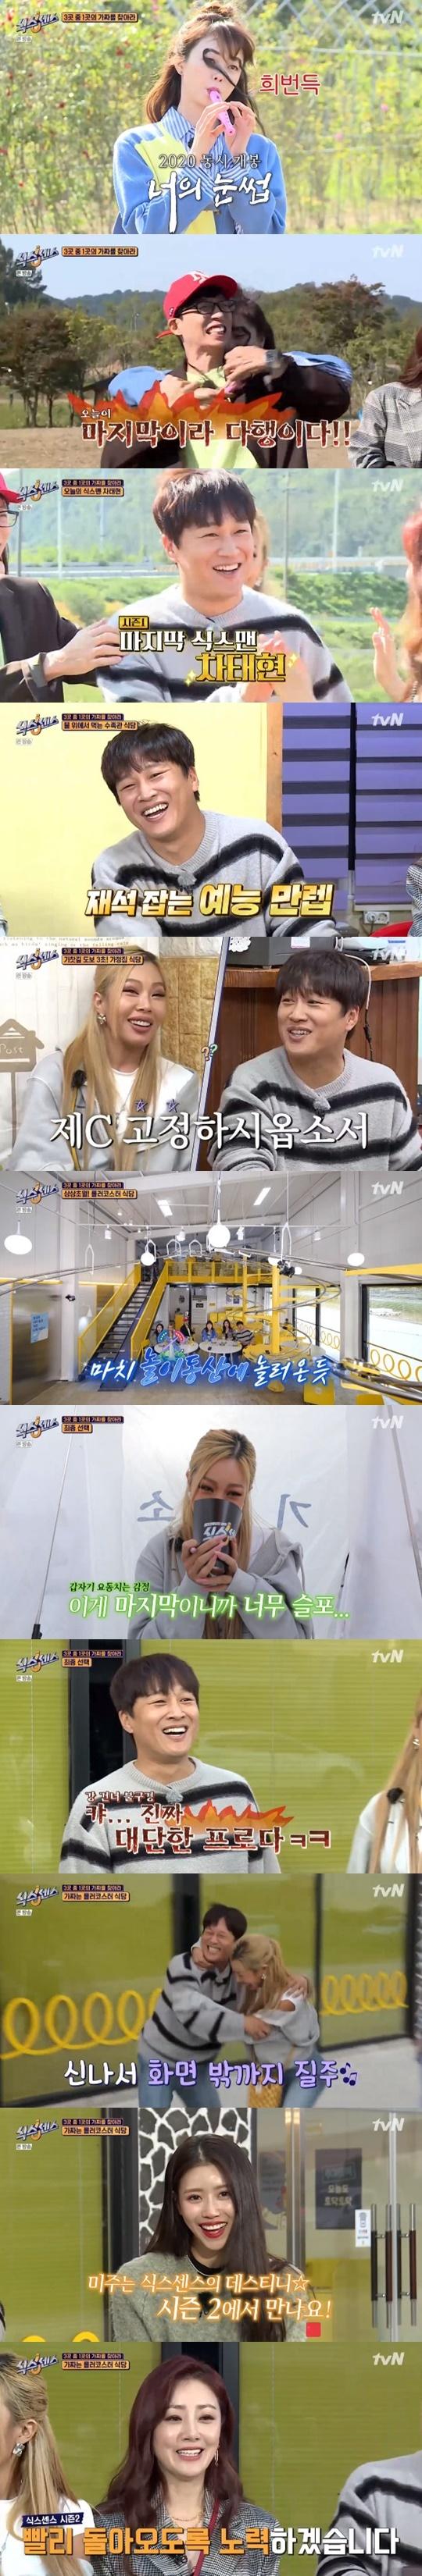 종영 '식스센스' 차태현, 가짜 식당 찾기 성공 …찰떡 게스트(종합)